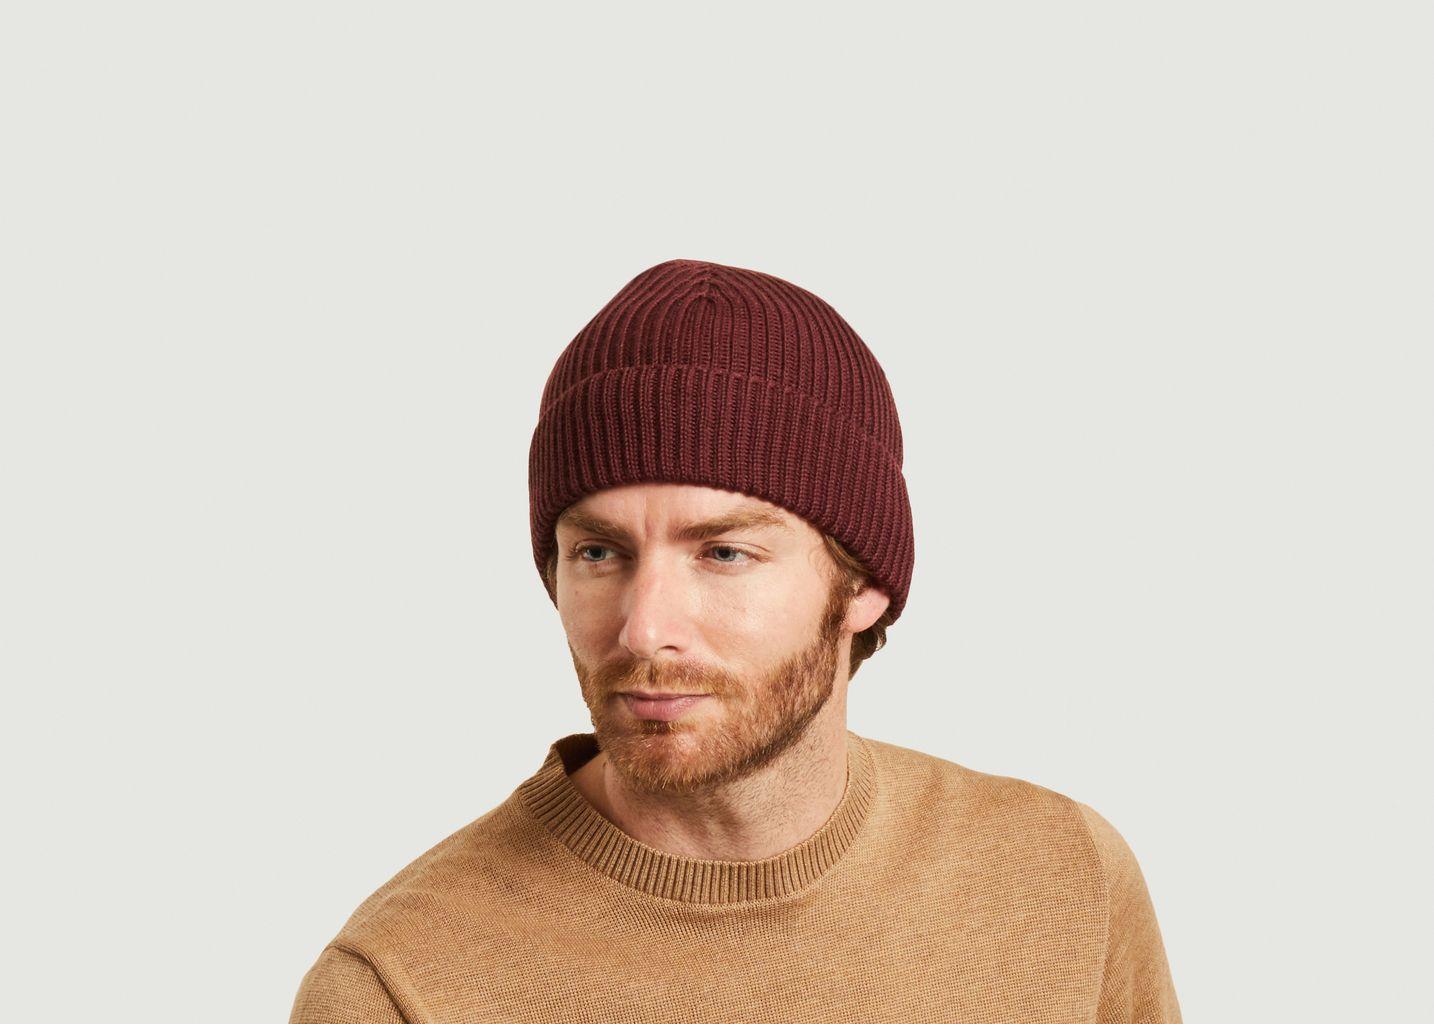 Bonnet côtelé en laine mérinos - JagVi